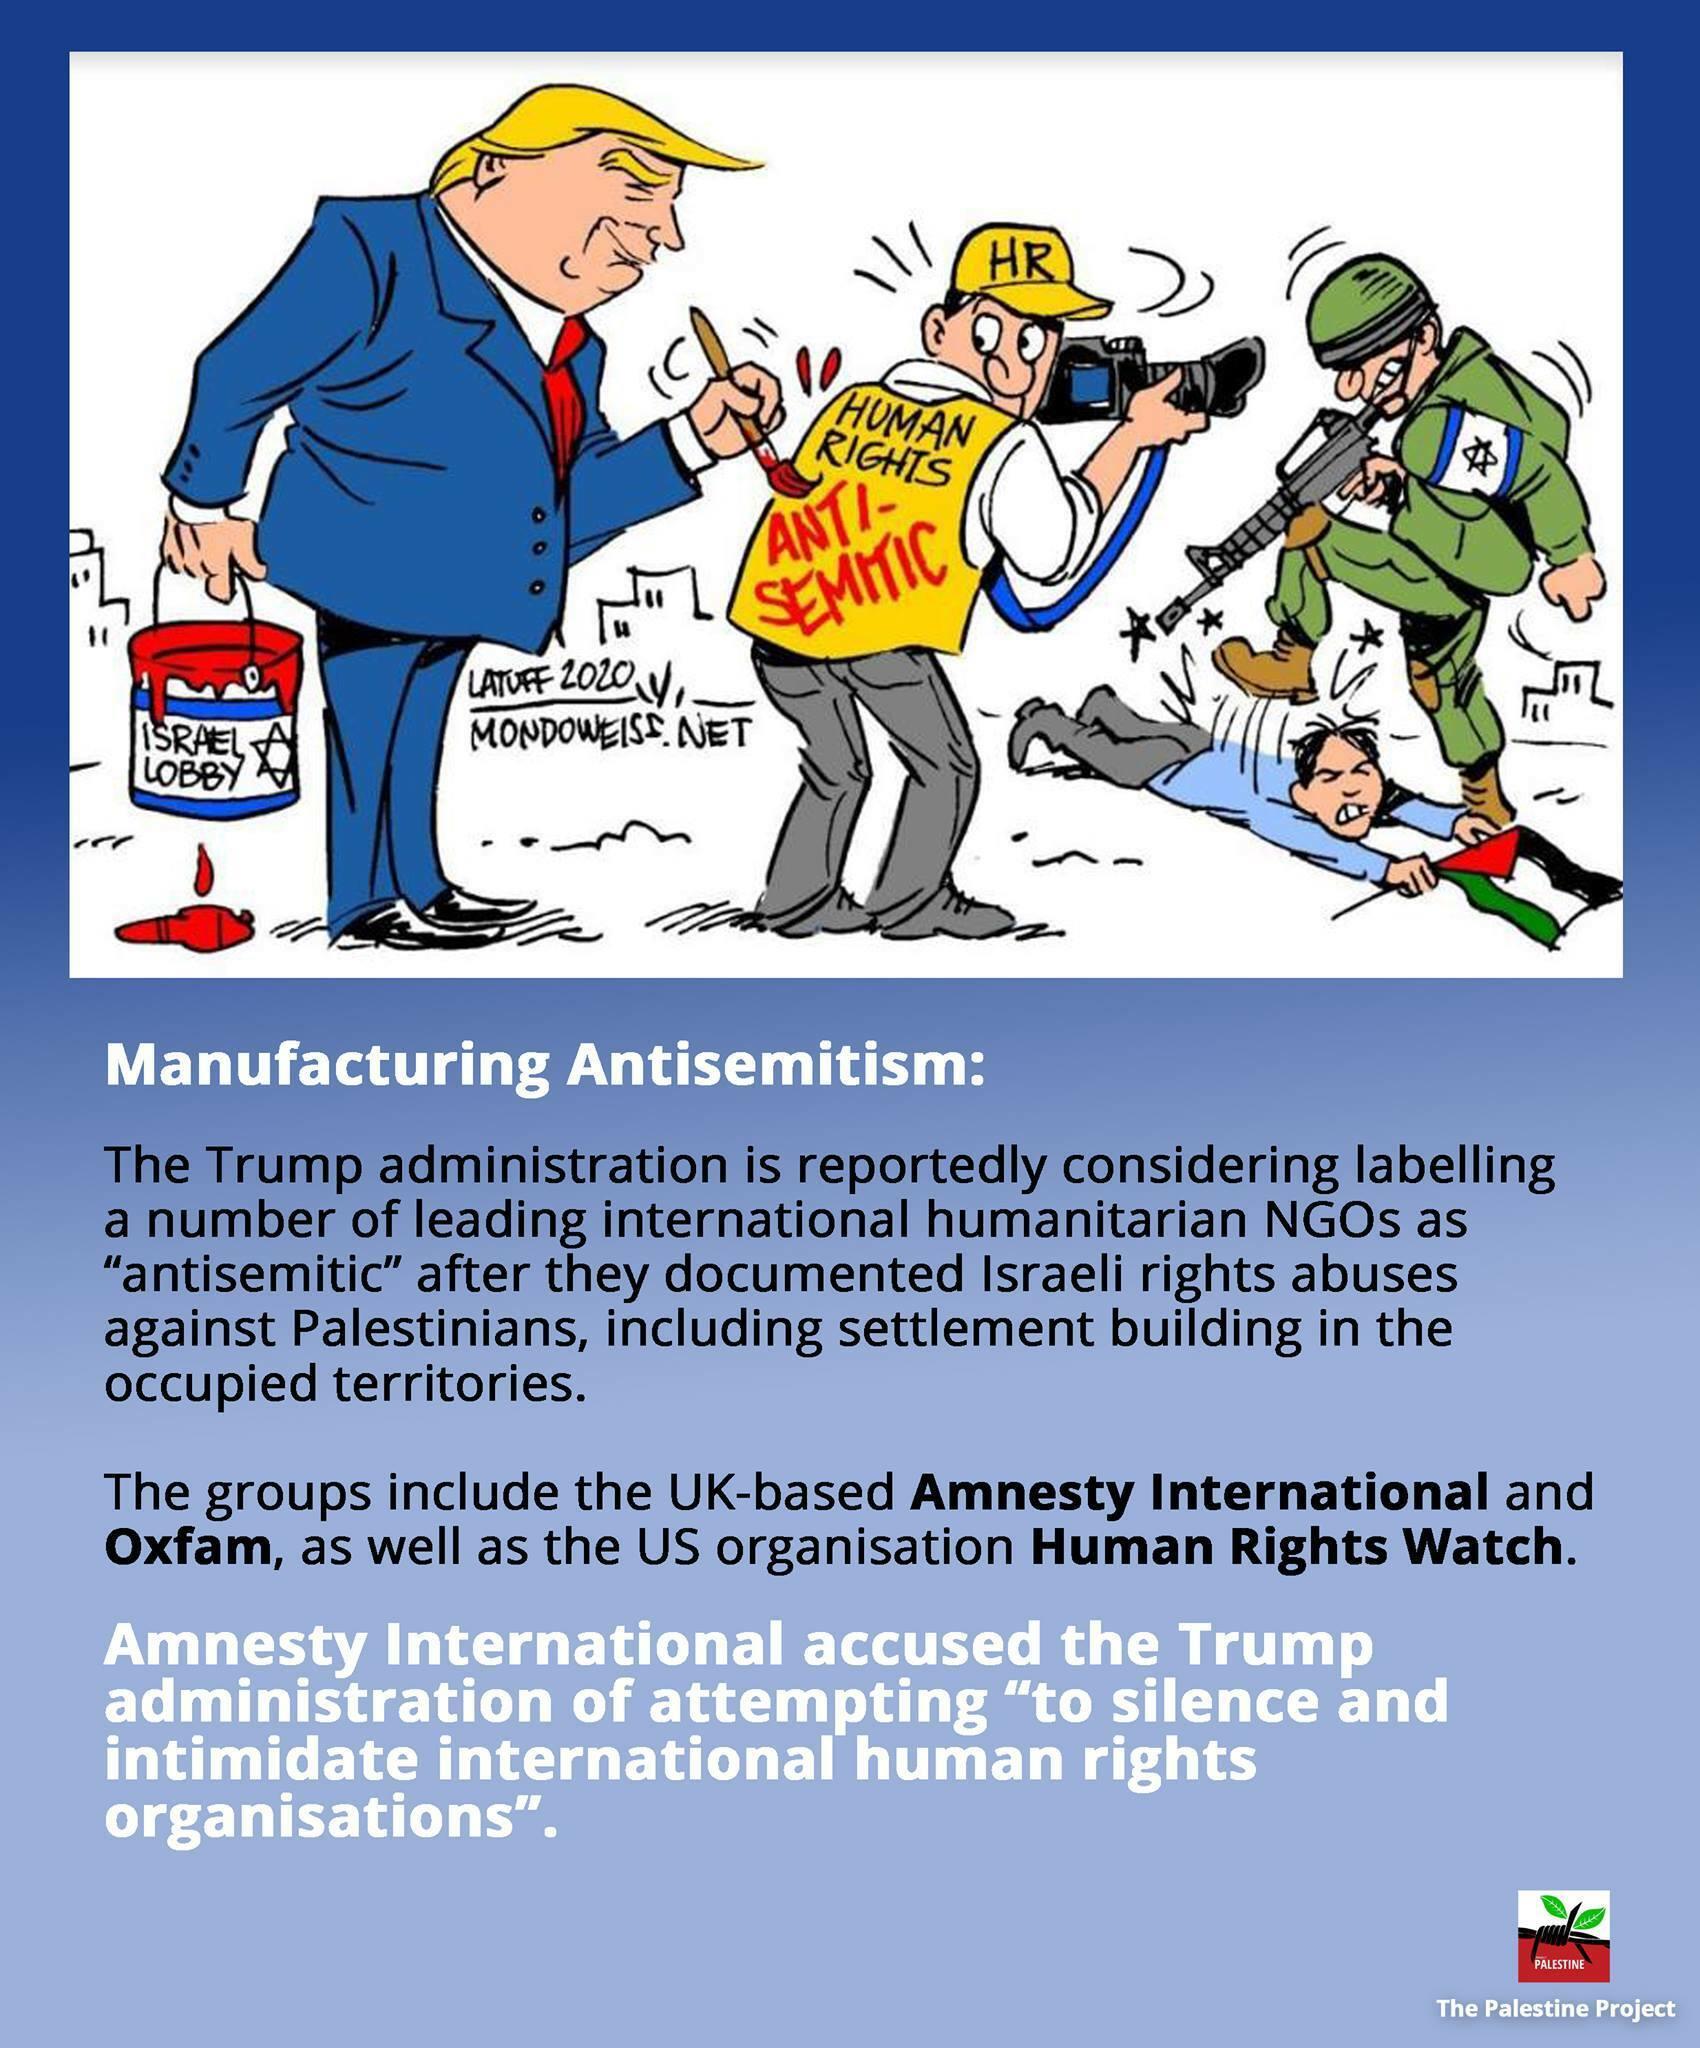 Manufacturing Anti-semistism